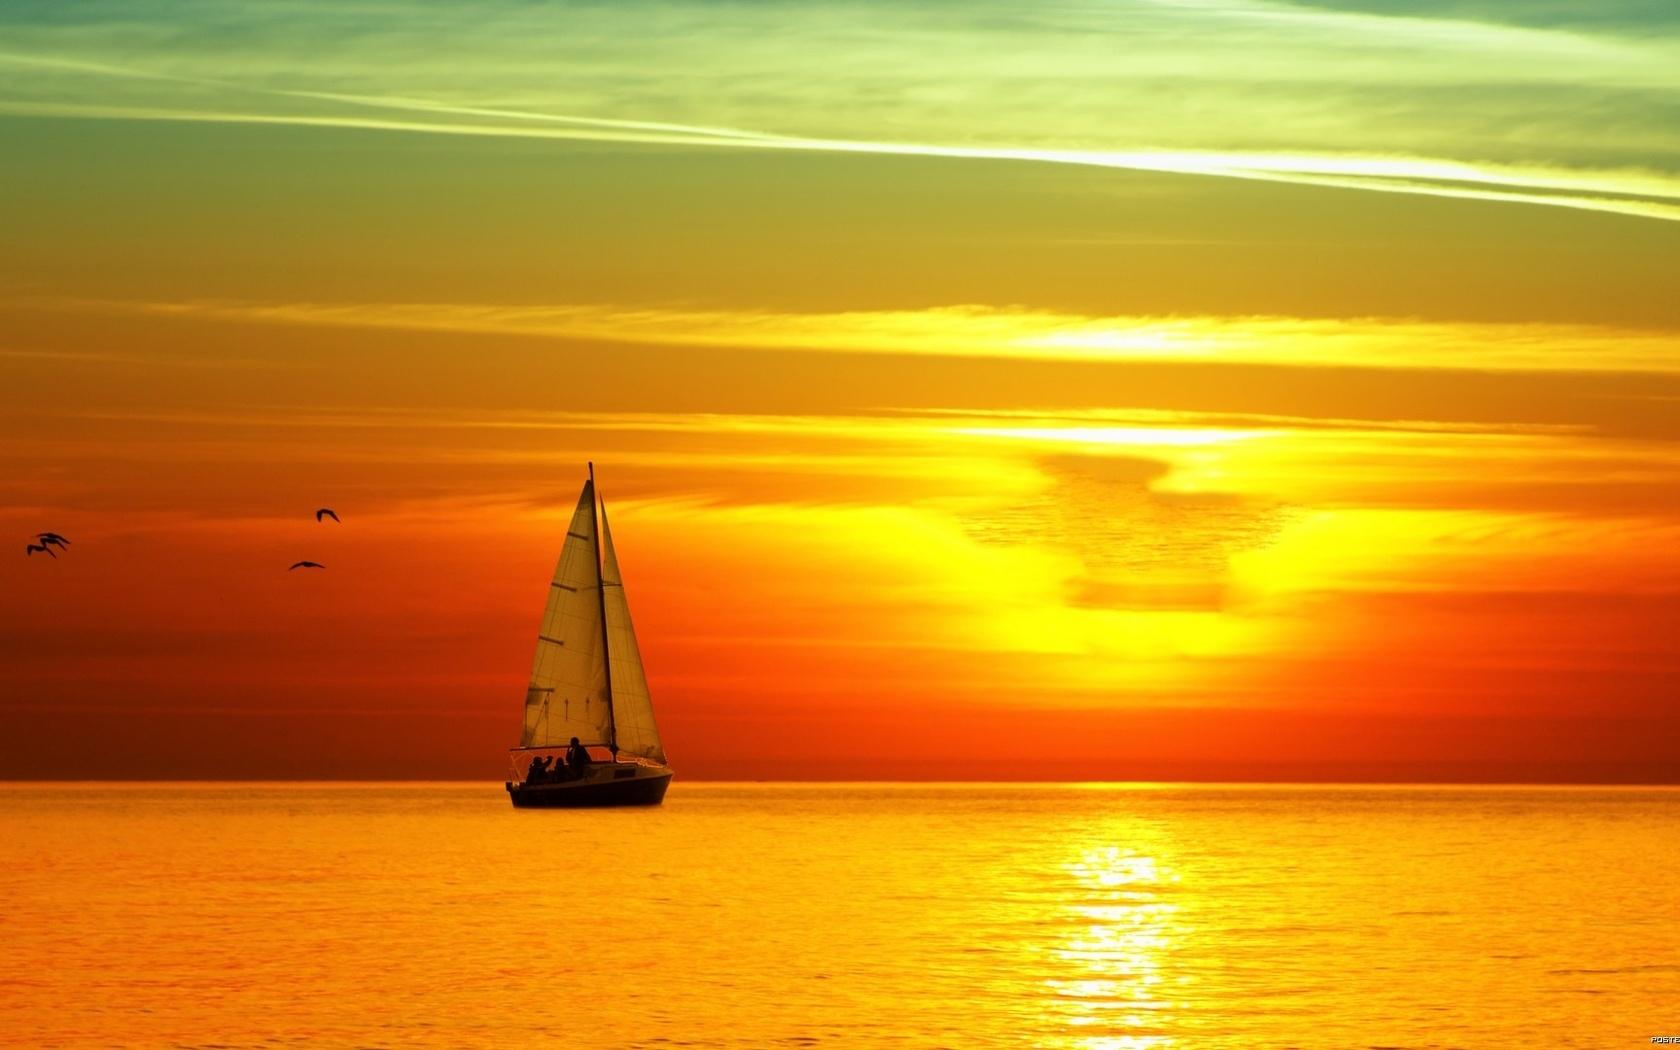 Красивые картинки с морем и закатом